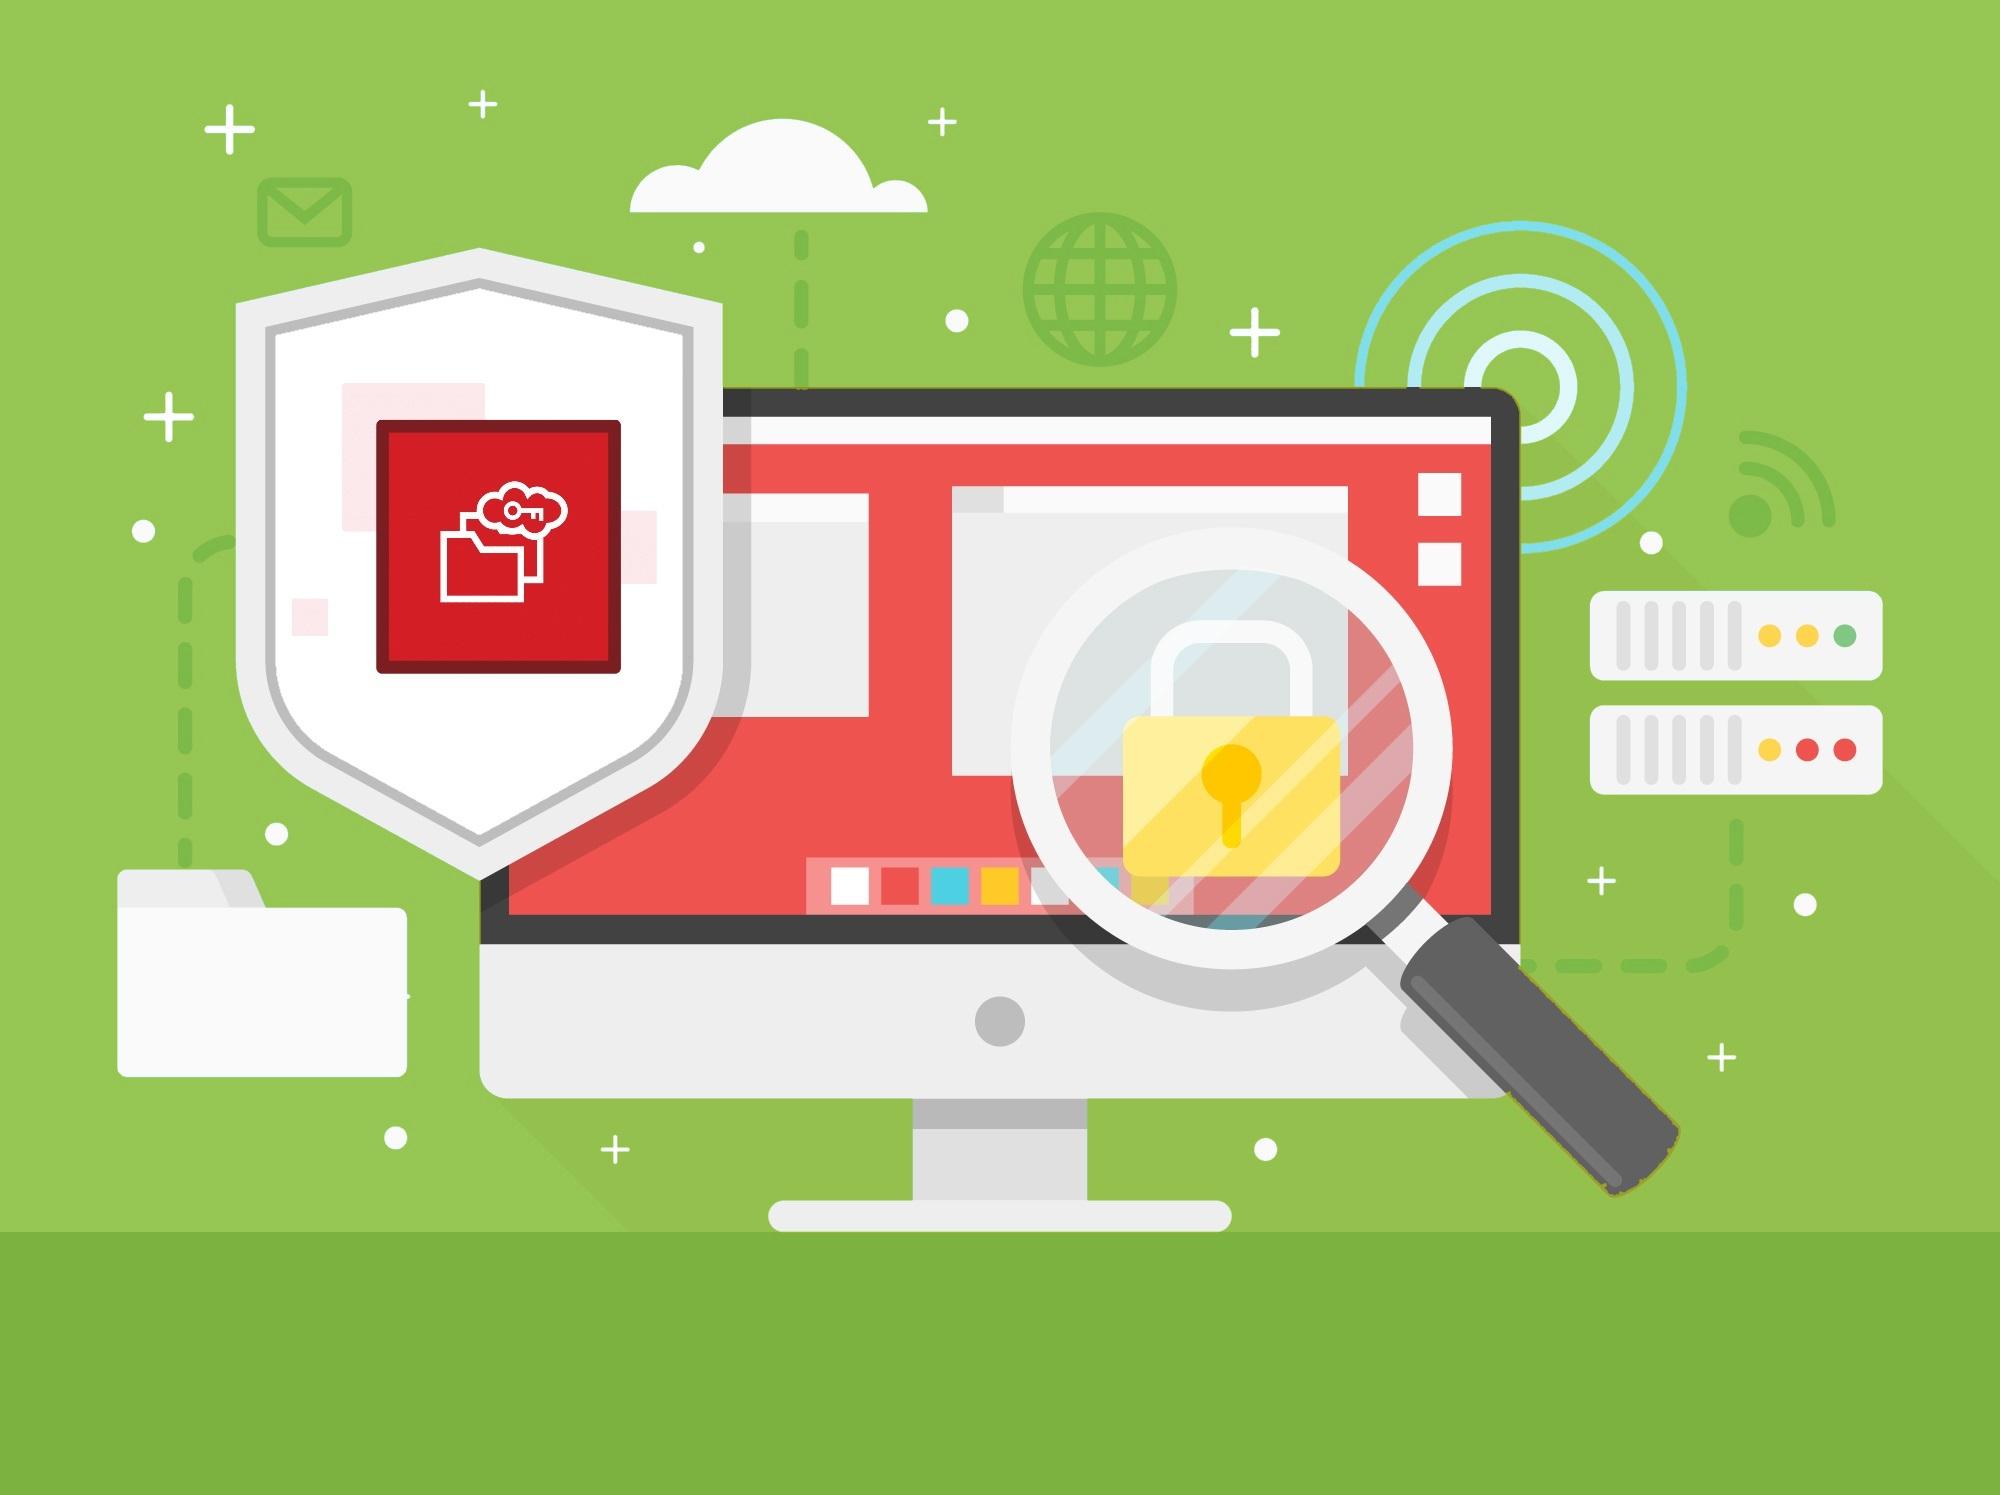 Sécurité informatique - conseil n°3 : N'oubliez pas de mettre vos données dans le backup externalisé